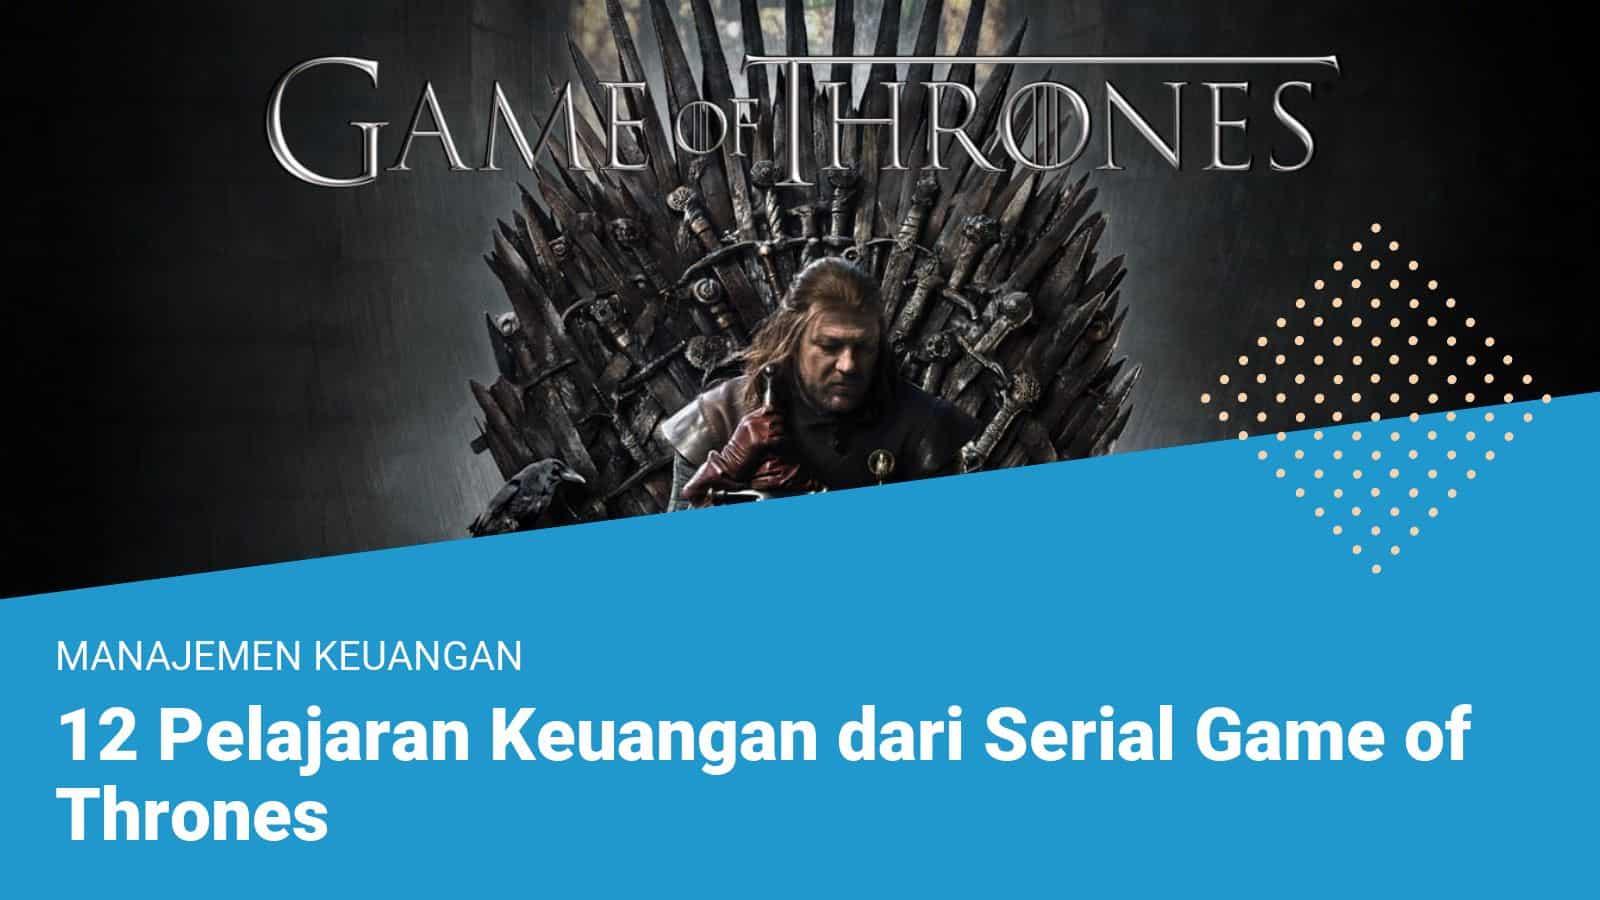 12 Pelajaran Keuangan dari Serial Game of Thrones